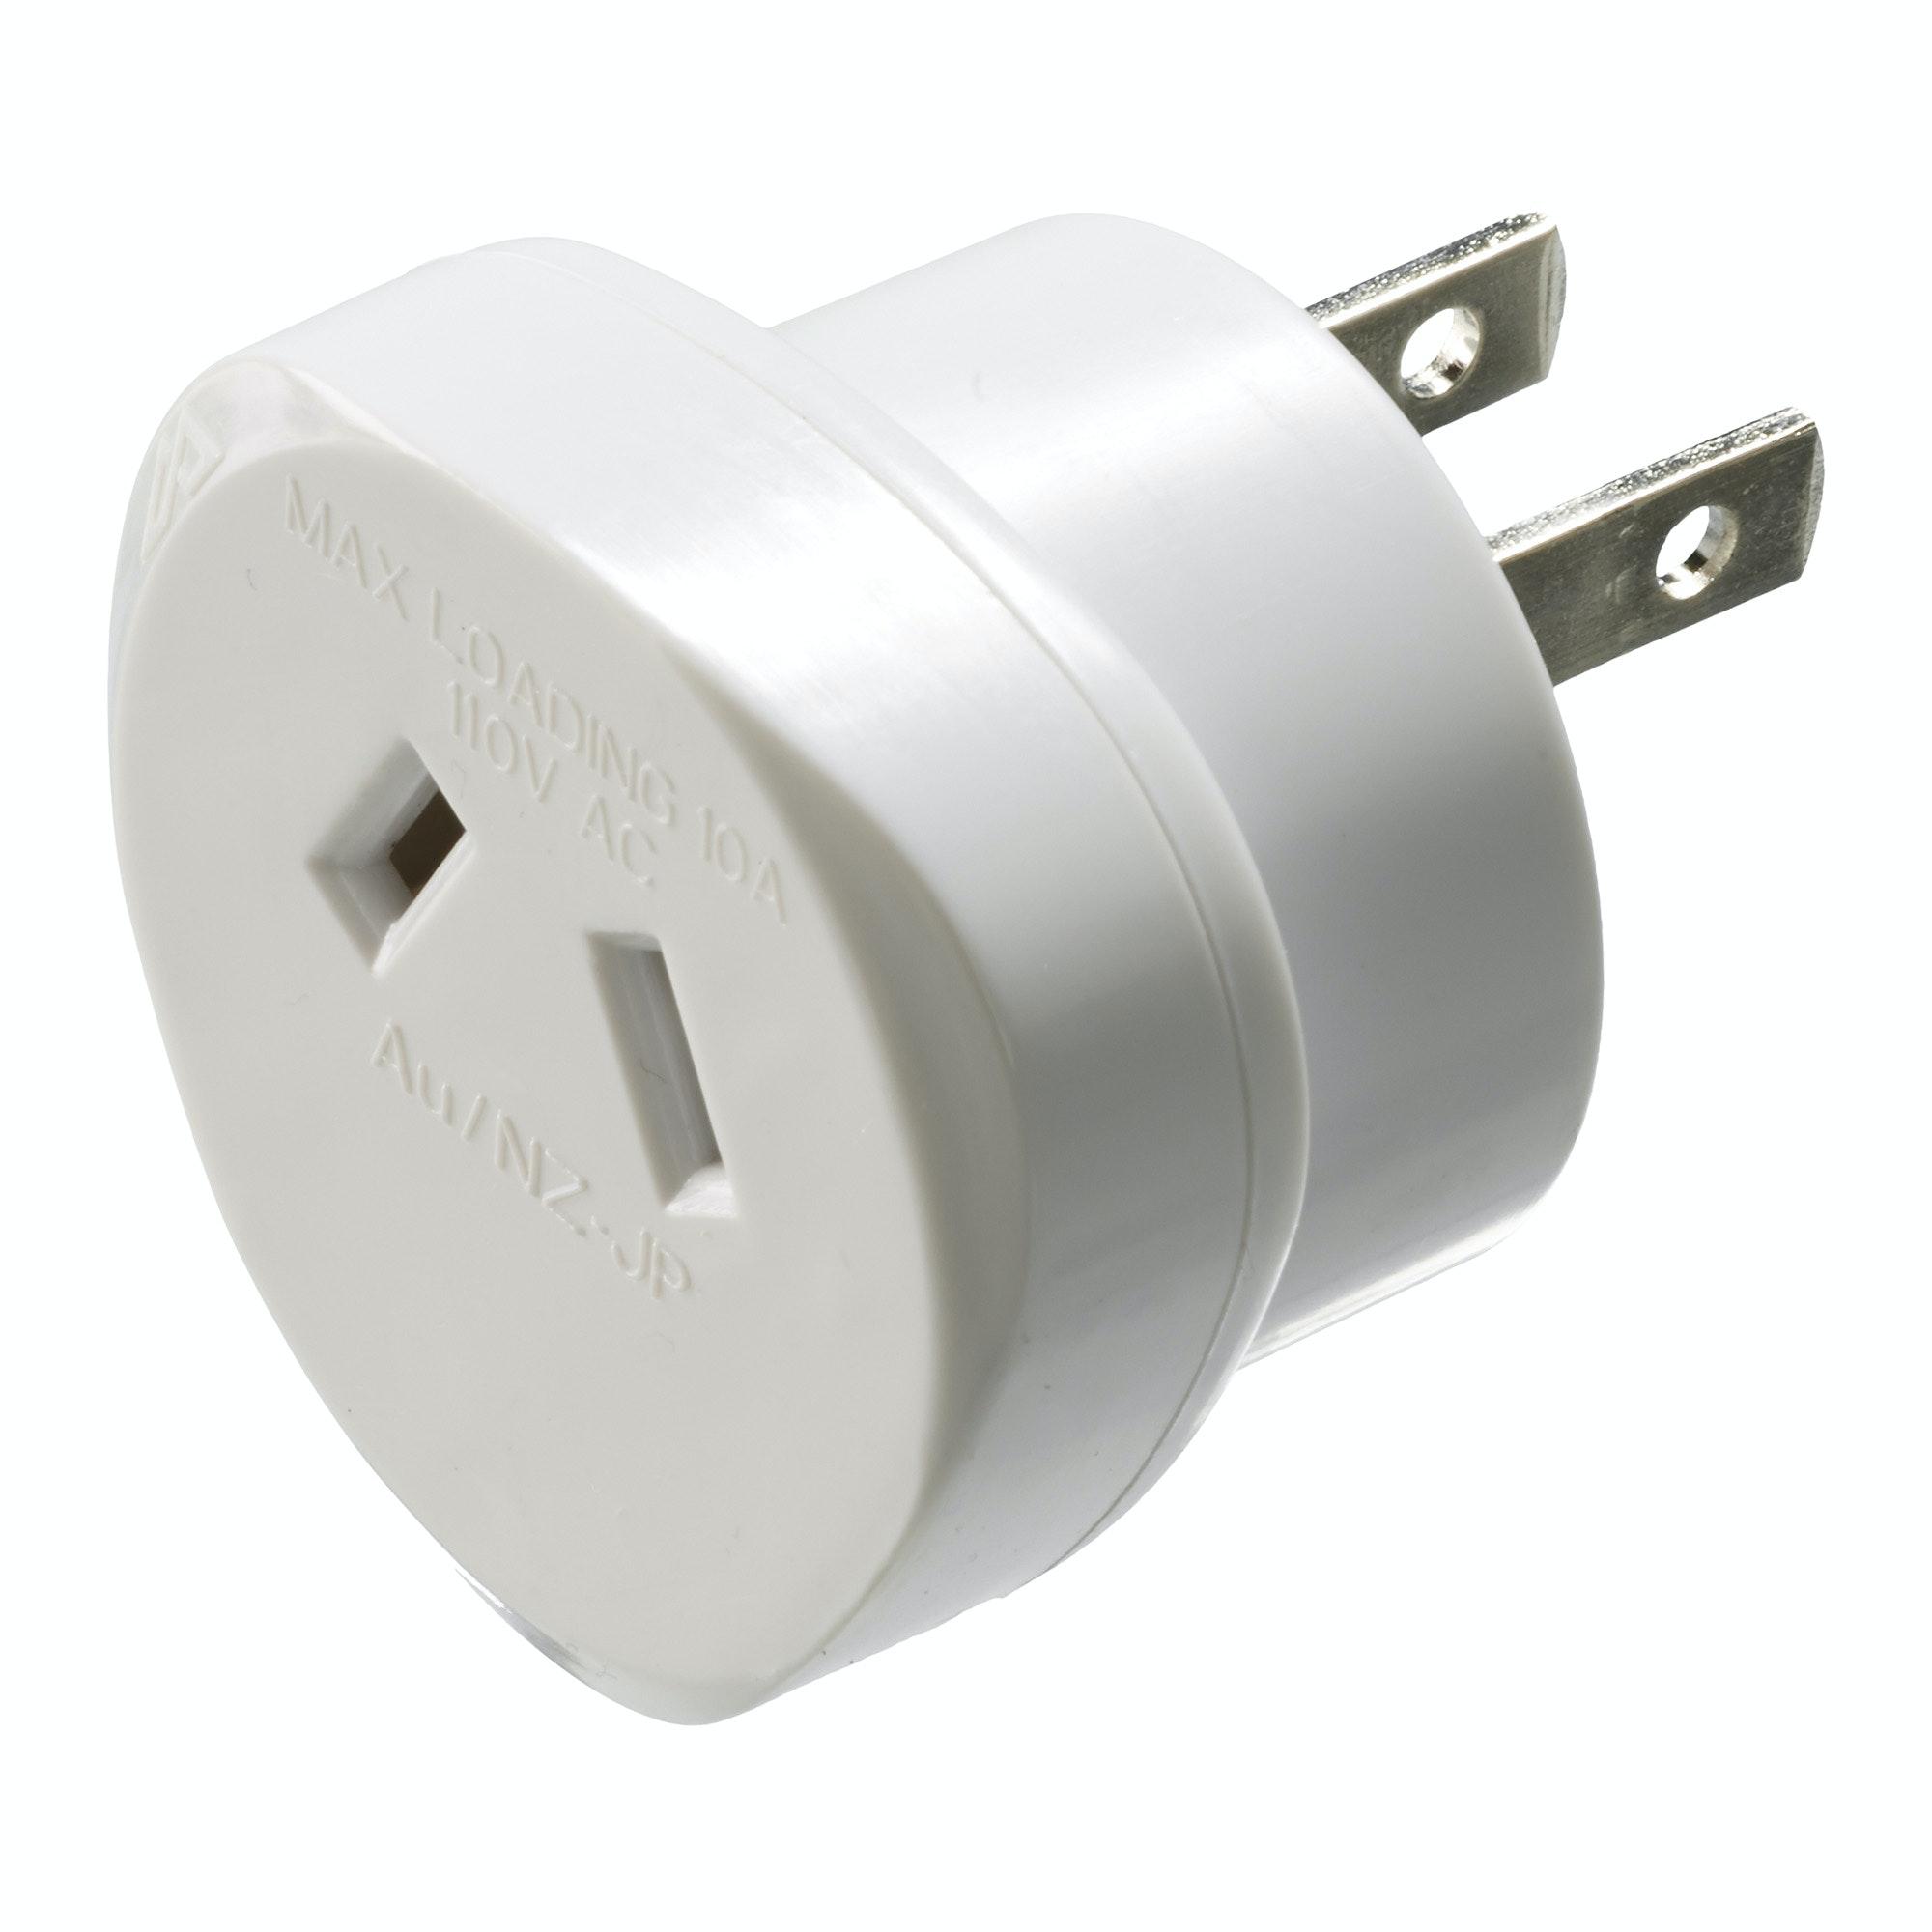 Adaptor Plug Japan V2